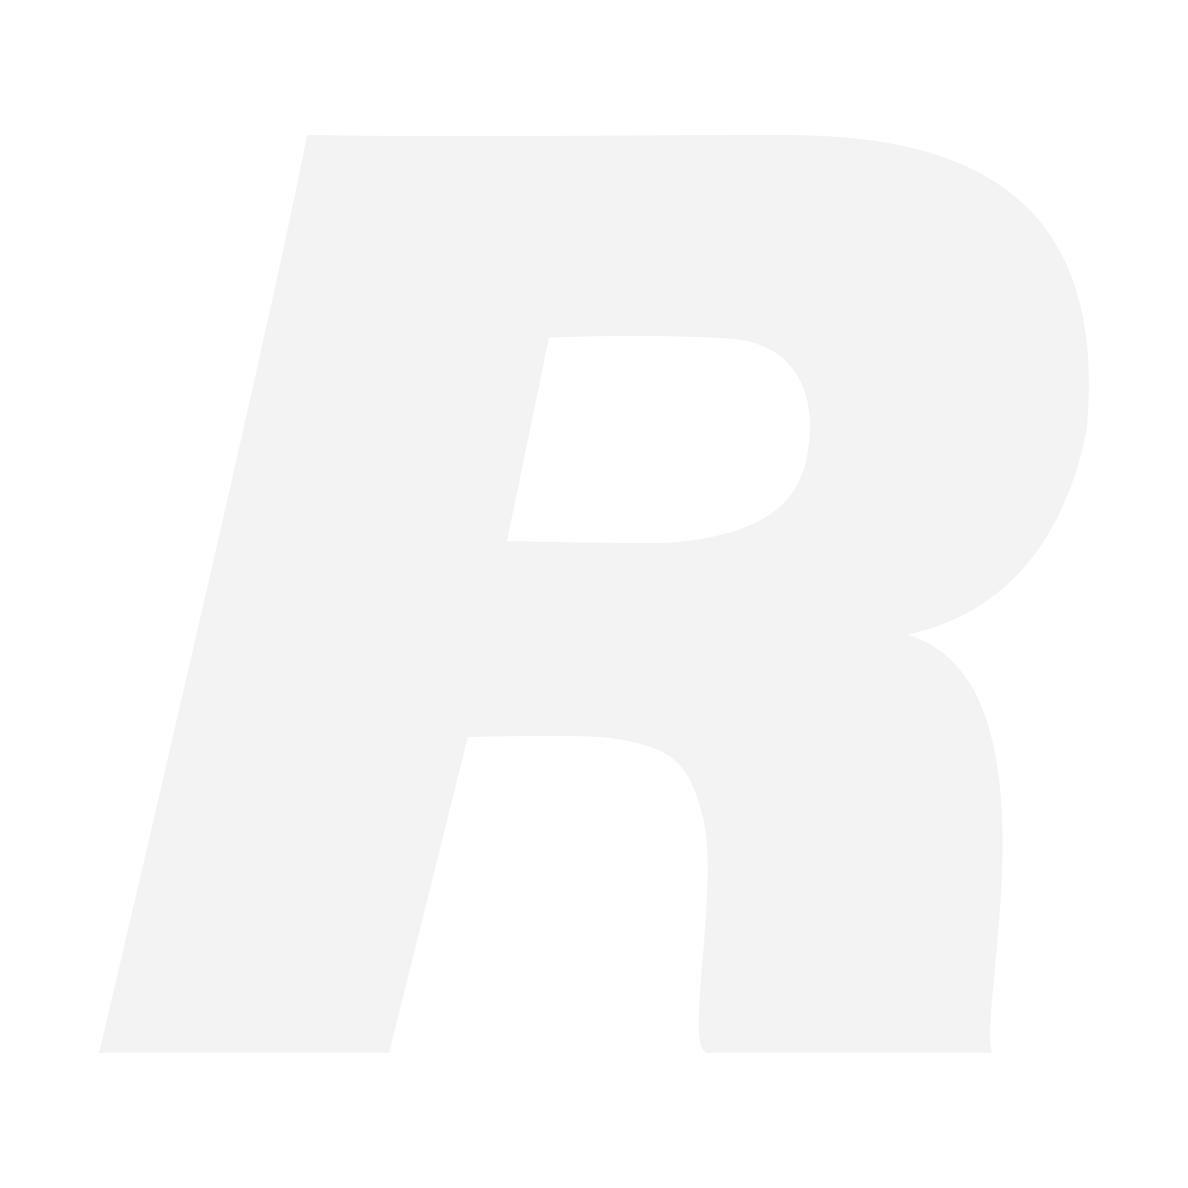 Benro Snabbplatta QR-6 till S4/S6